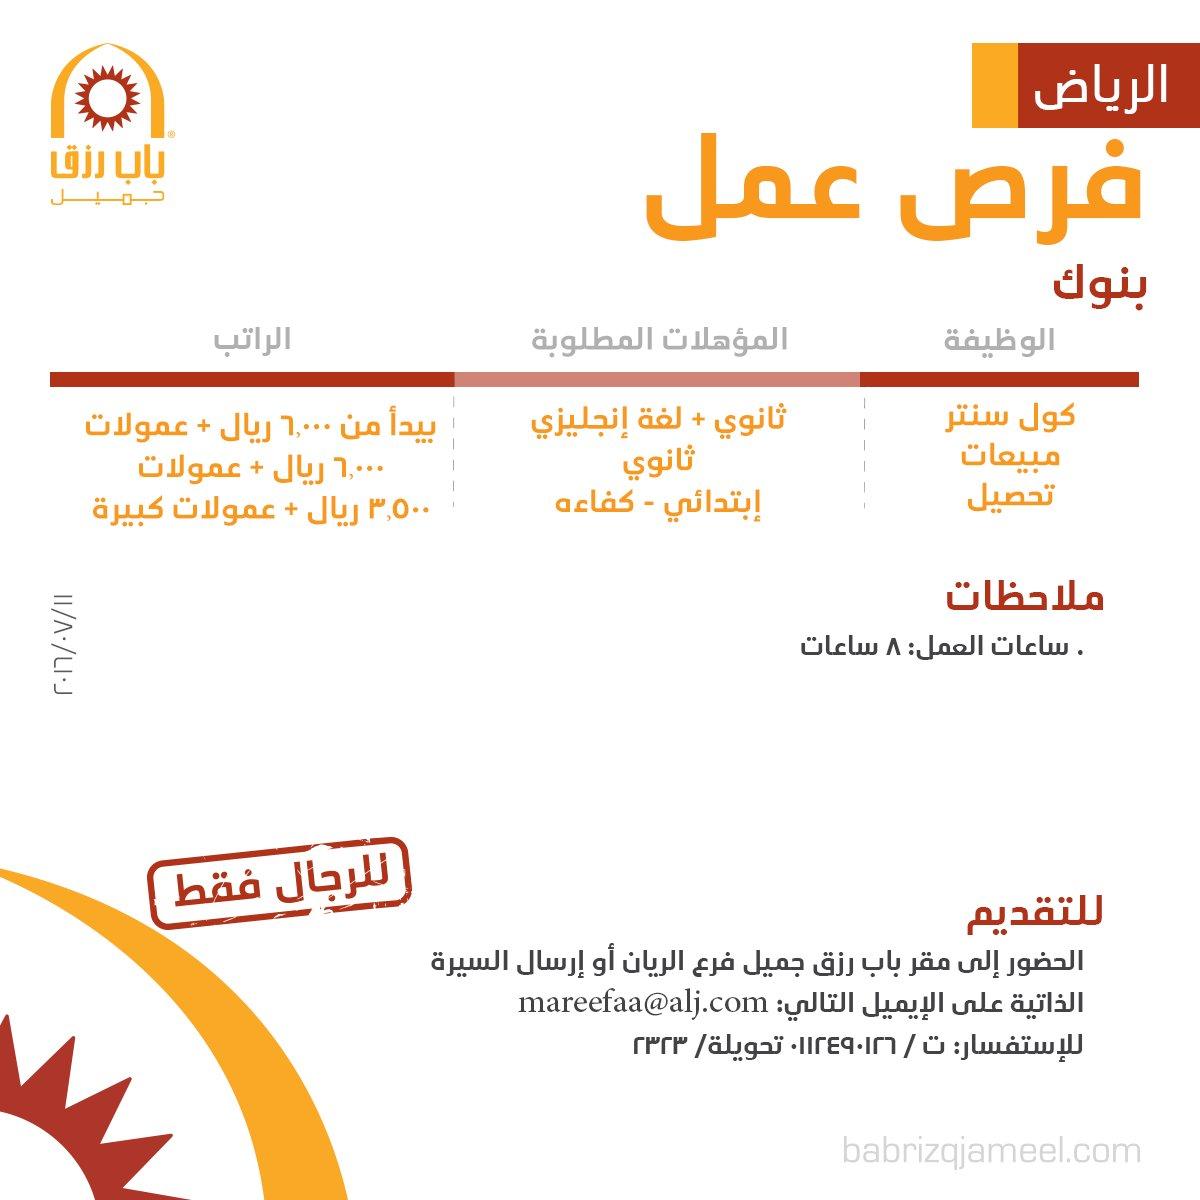 وظائف متعددة في بنوك - الرياض